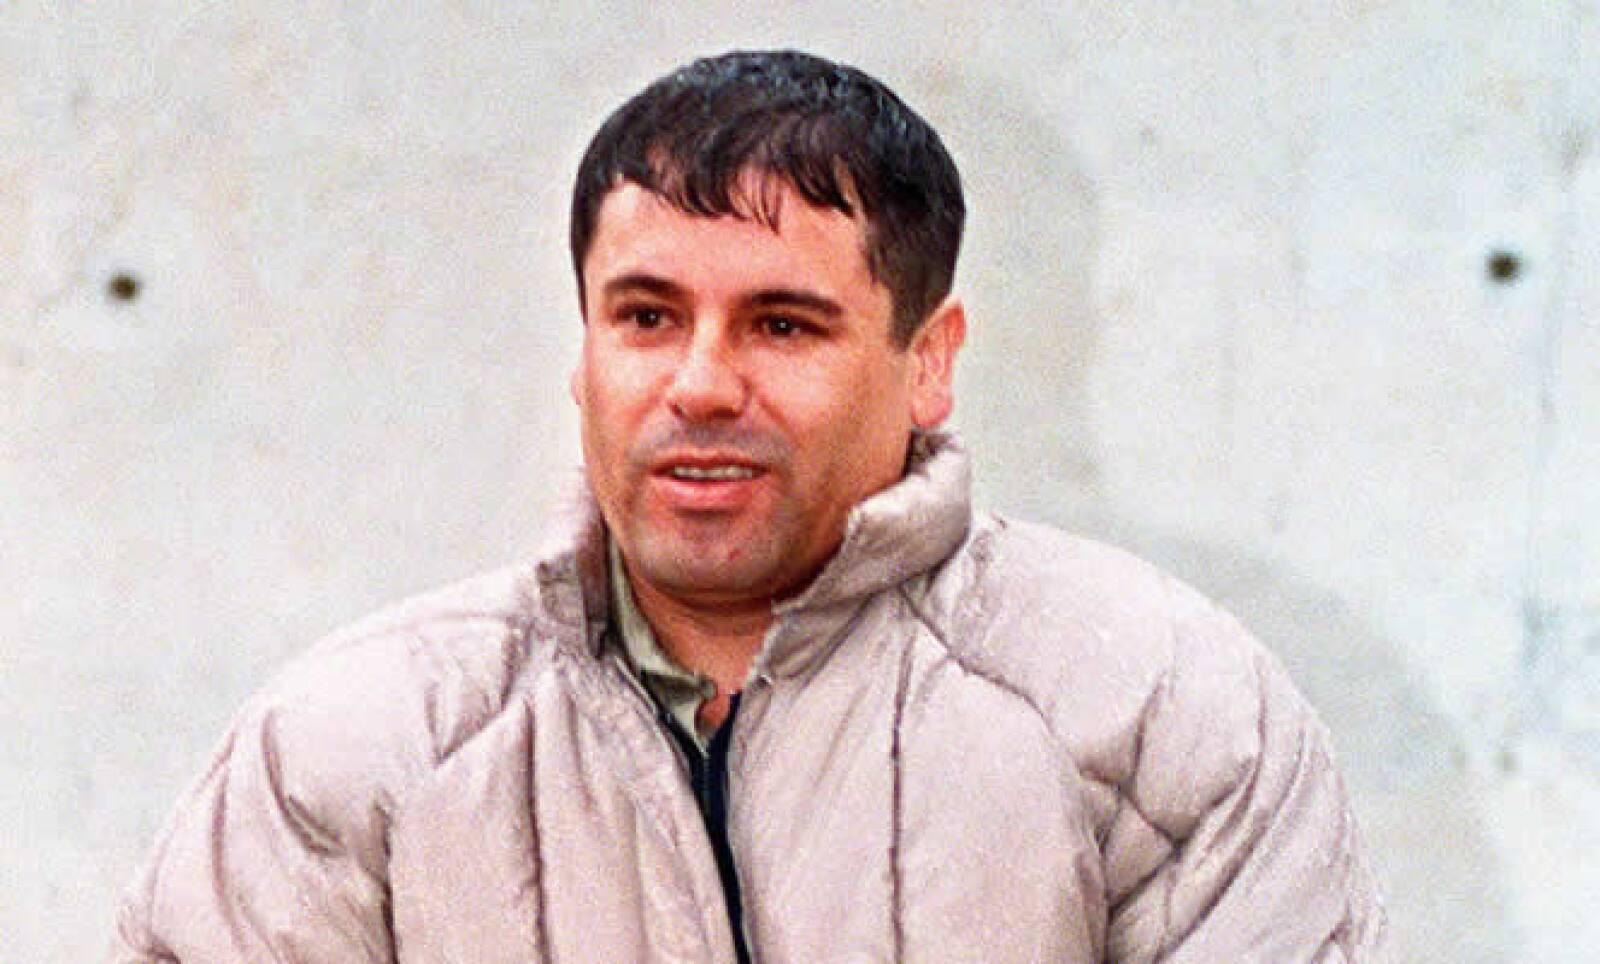 """Joaquín """"El Chapo"""" Guzmán Loera, líder del Cártel de Sinaloa y uno de los narcotraficantes más buscados, fue considerado por la revista Forbes como una de """"Las personas más poderosas del mundo"""", ubicado en la posición 41."""